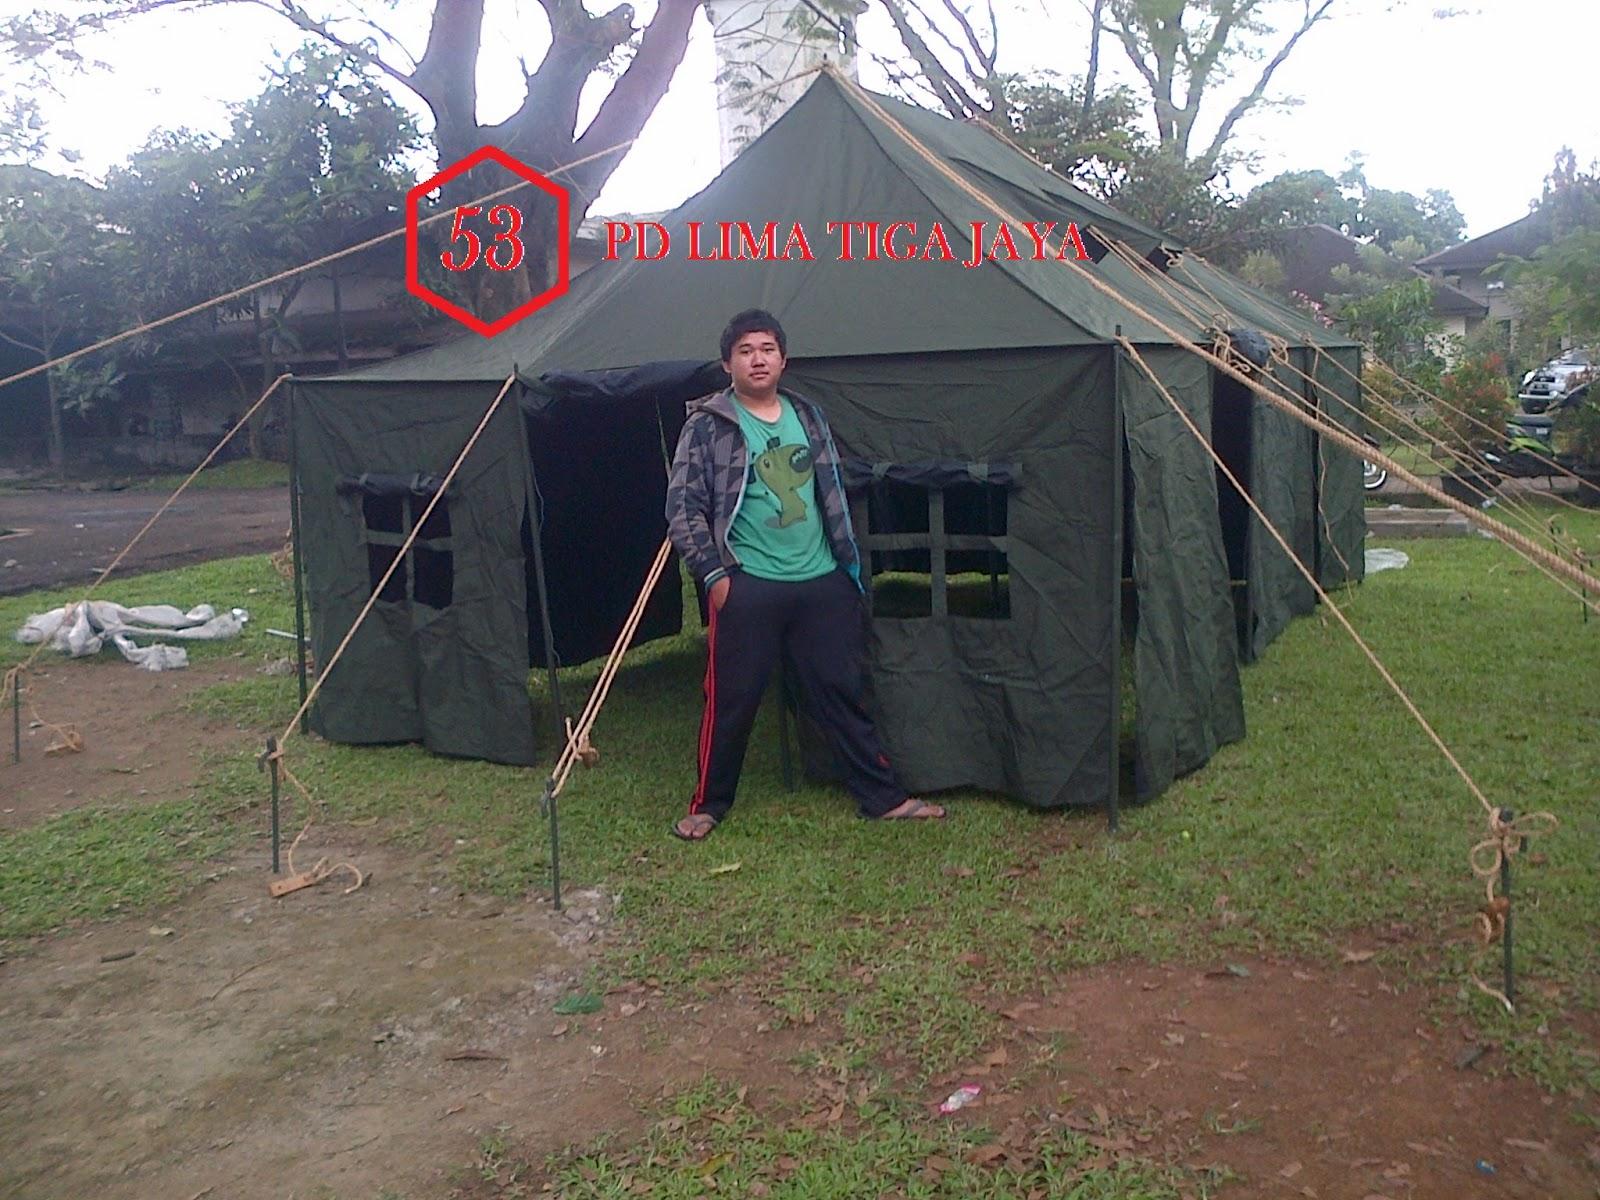 jual tenda regu standar tni , pusat tenda bandung ,tenda murah bandung